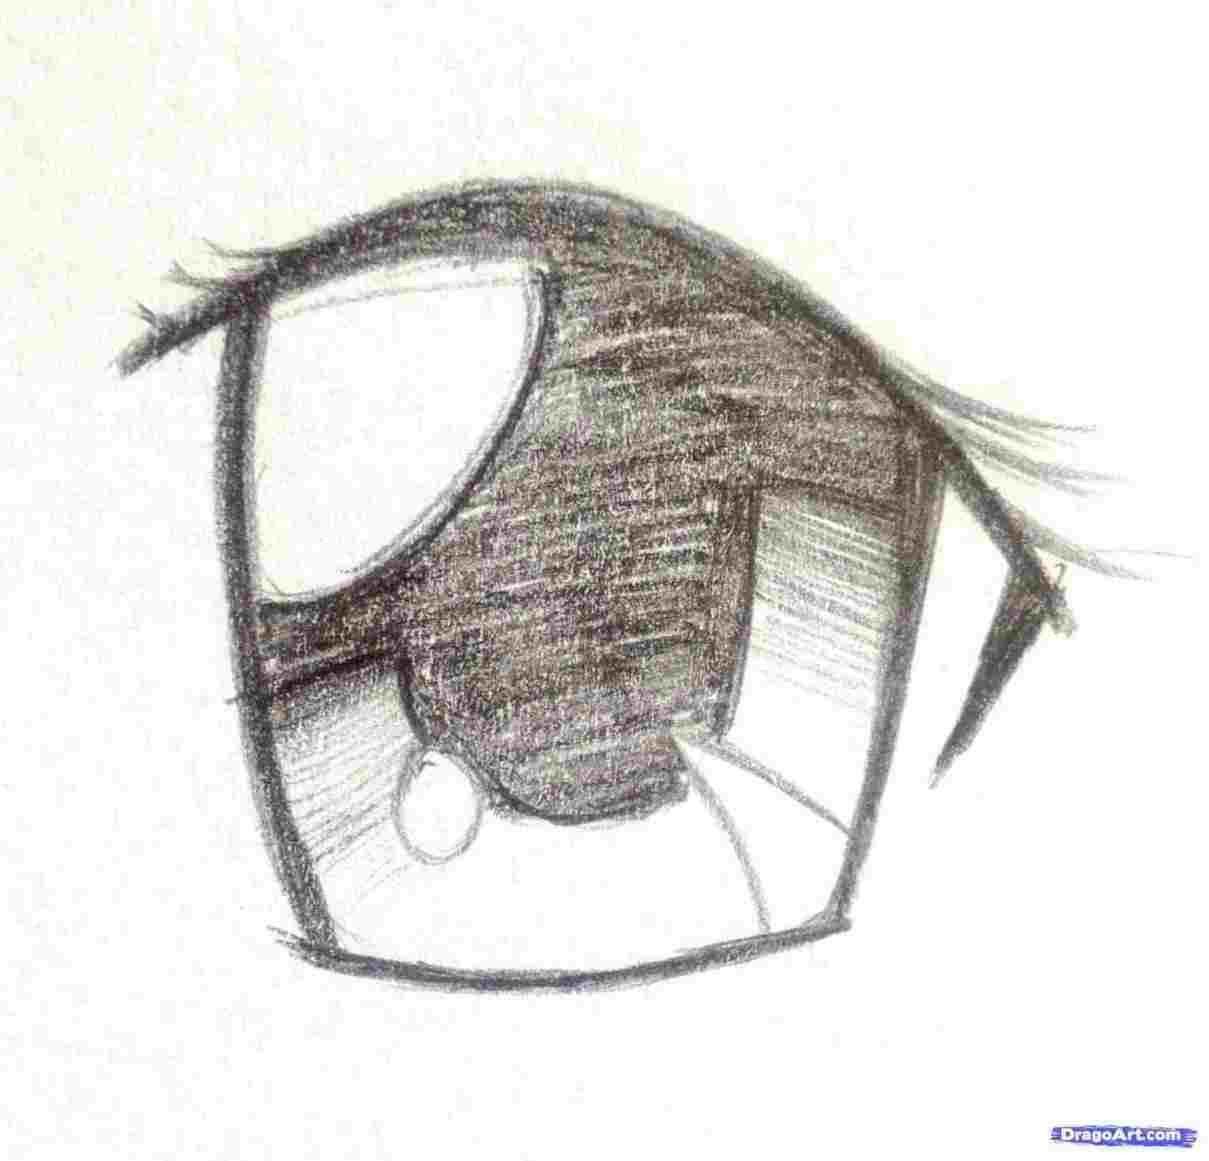 Ruang Belajar Siswa Kelas 6 Anime Drawings Easy For Beginners In 2020 How To Draw Anime Eyes Anime Eyes Anime Sketch